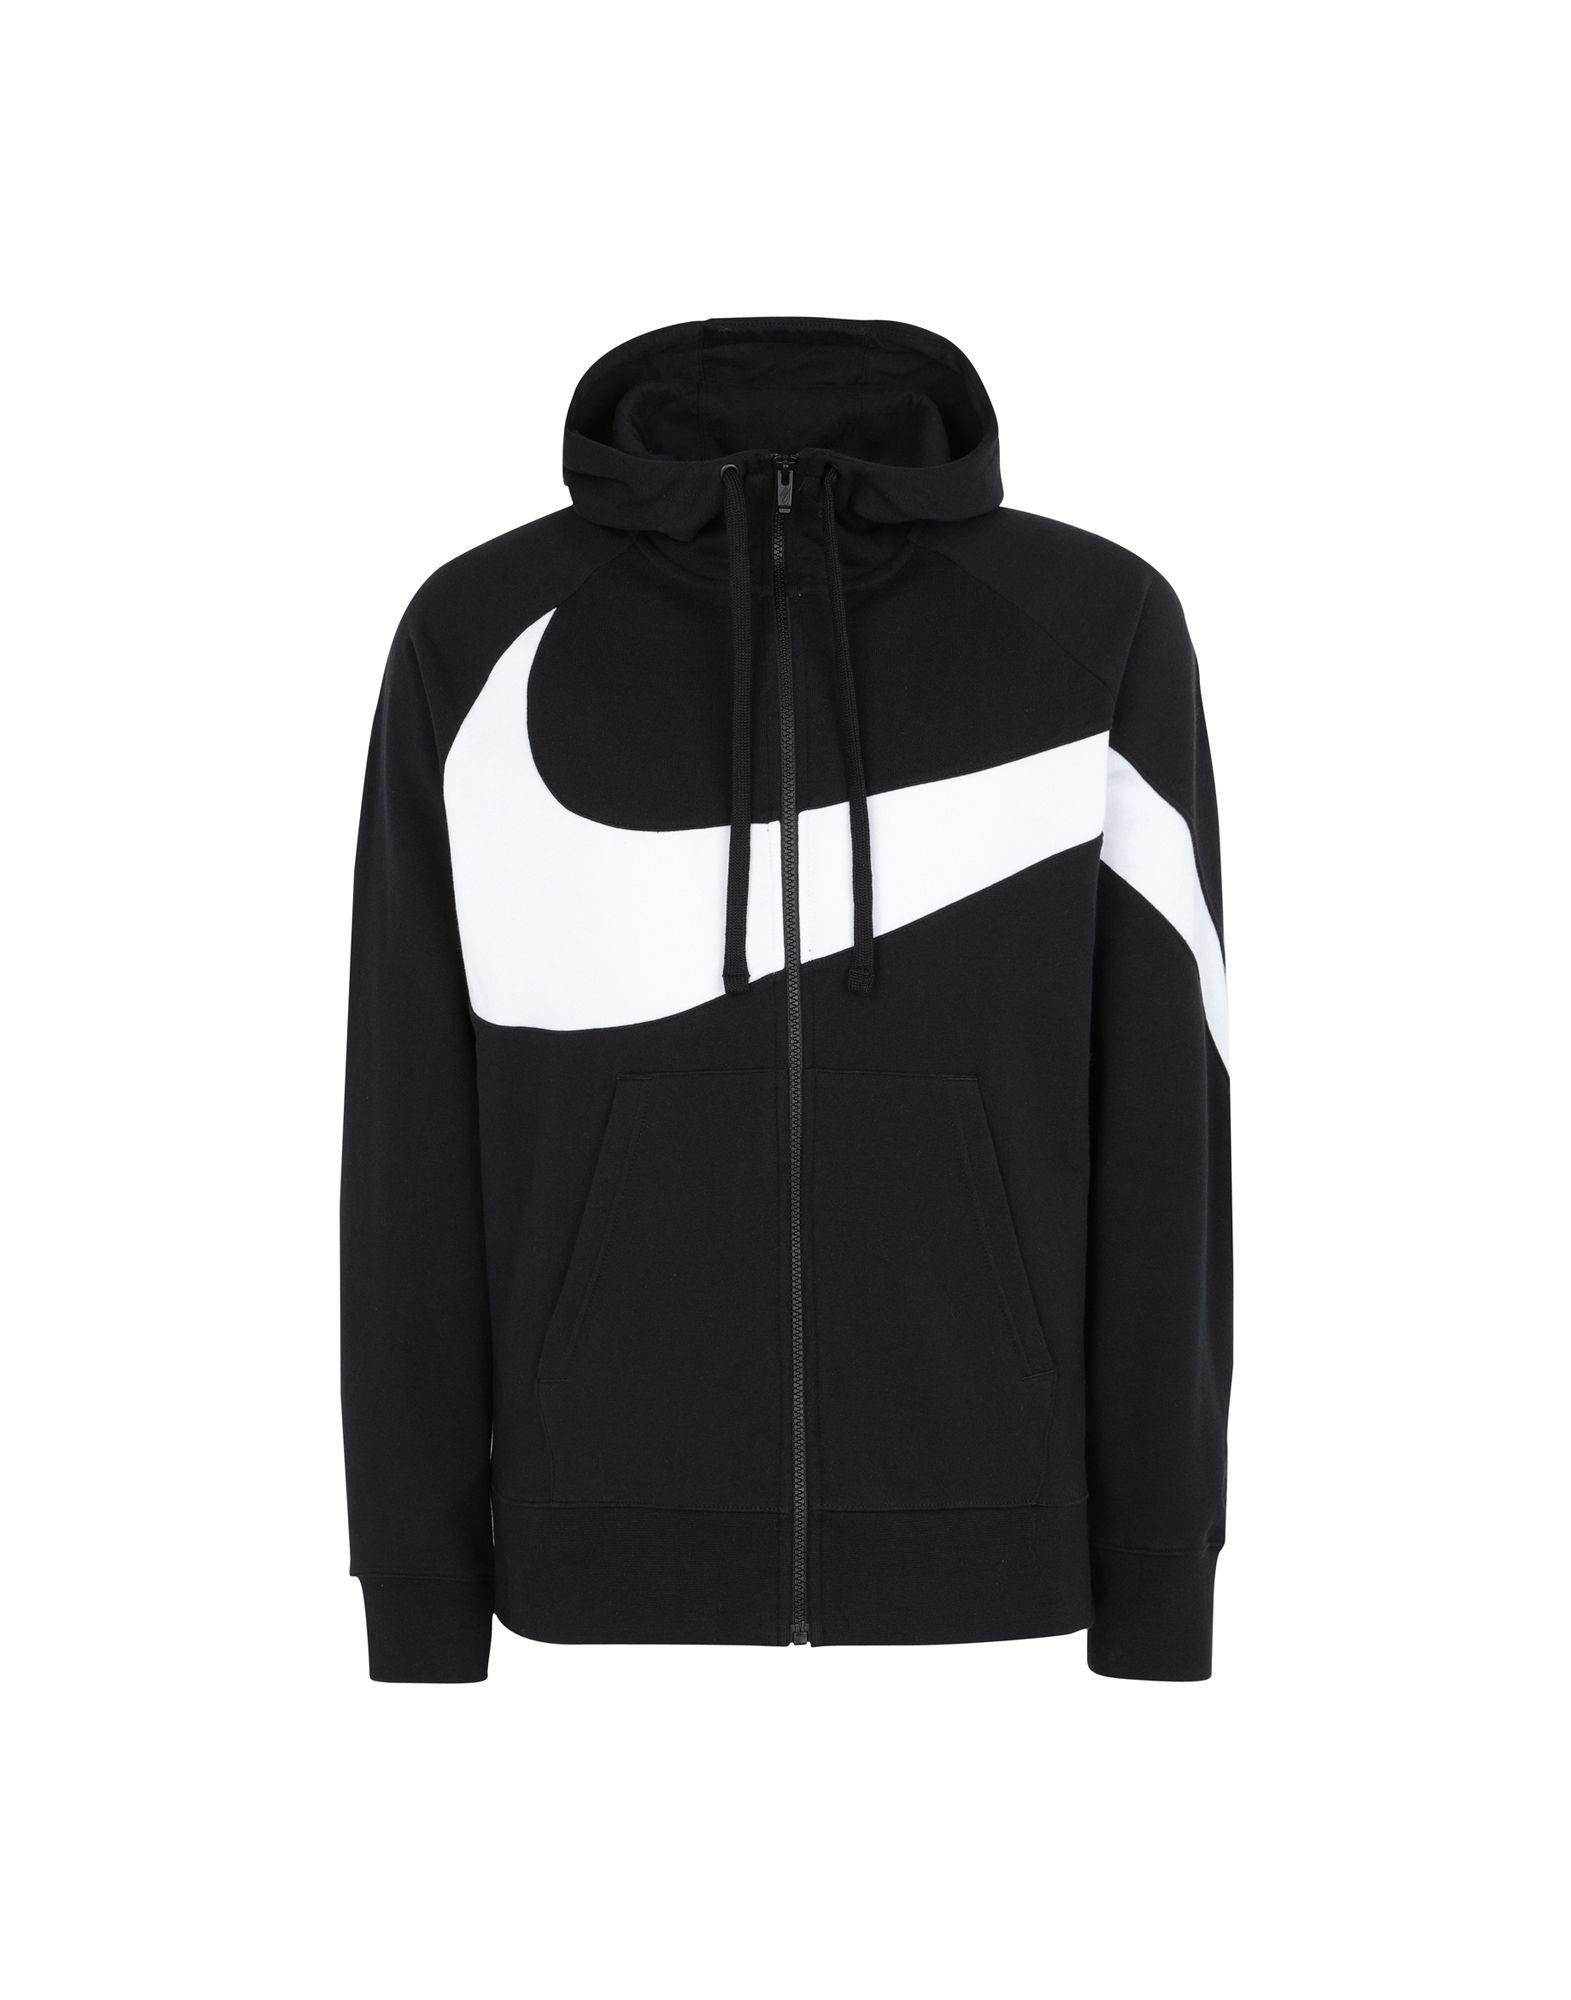 Felpa Nike Hybrid Hoodie Full Zip French Terry Statement - herren - 12300665HX